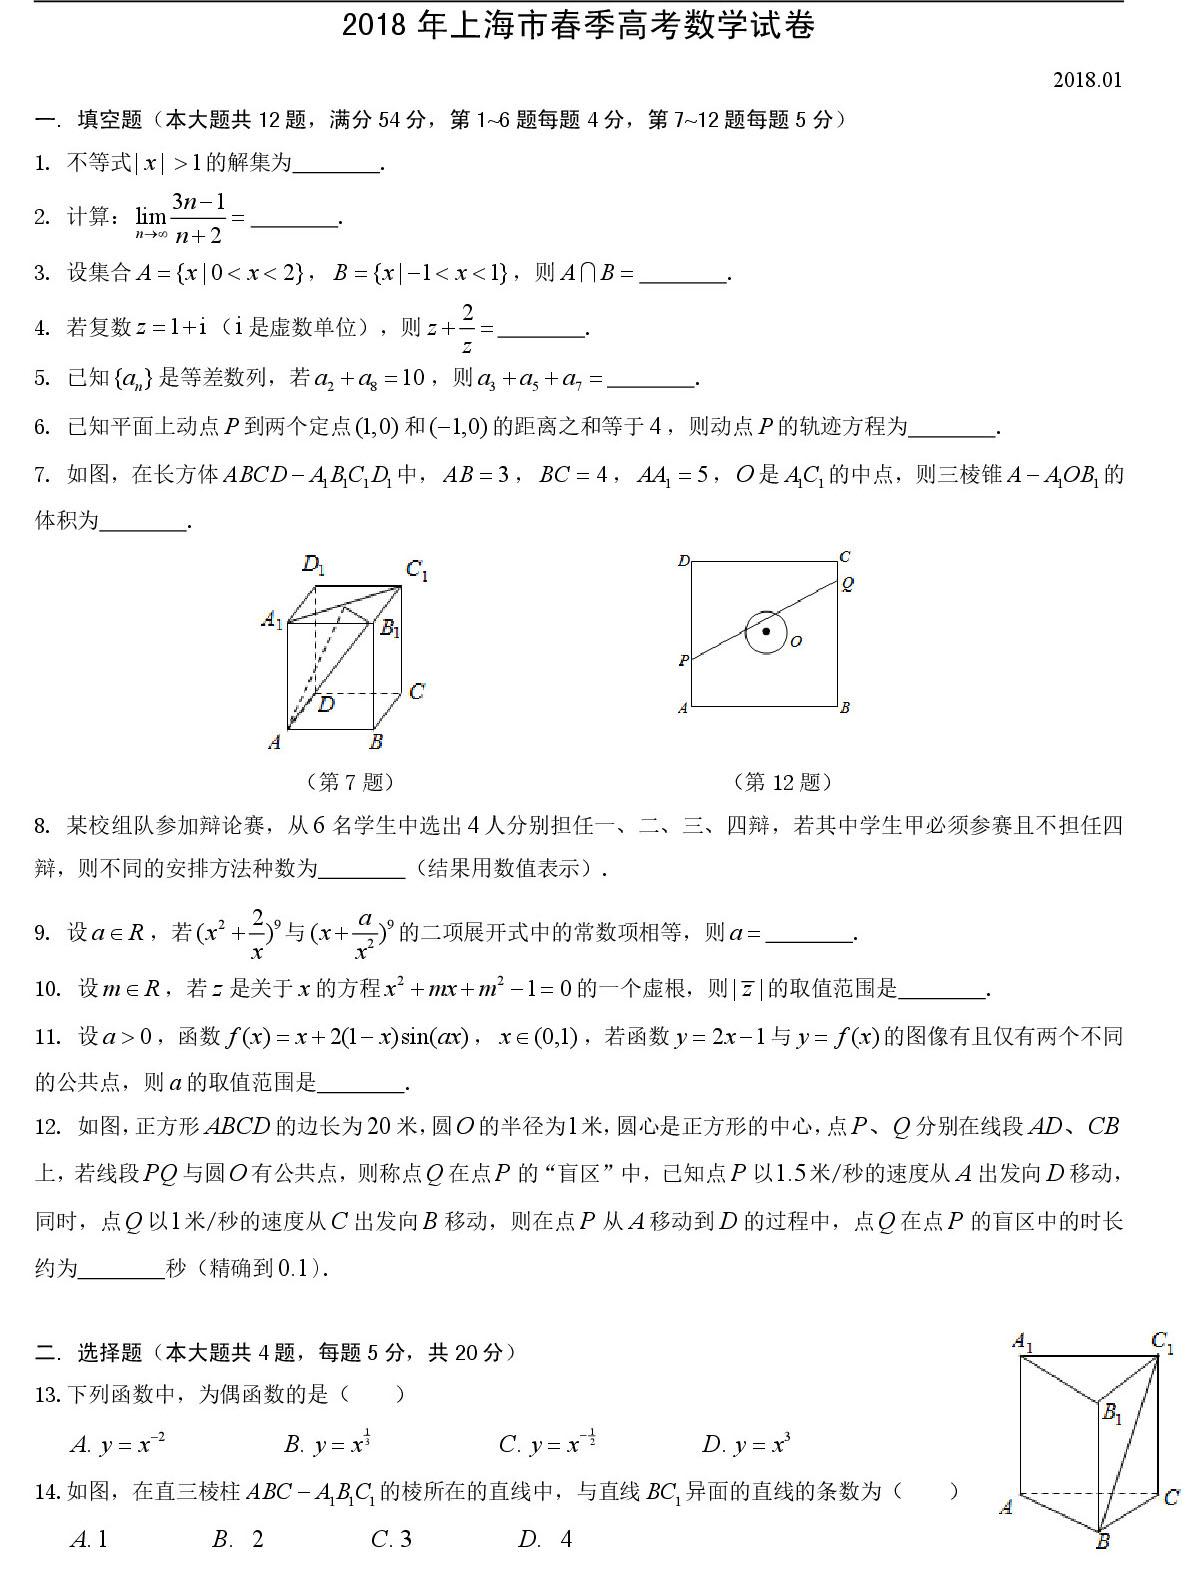 2018年1月上海春季高考数学试卷及答案(网友回忆)